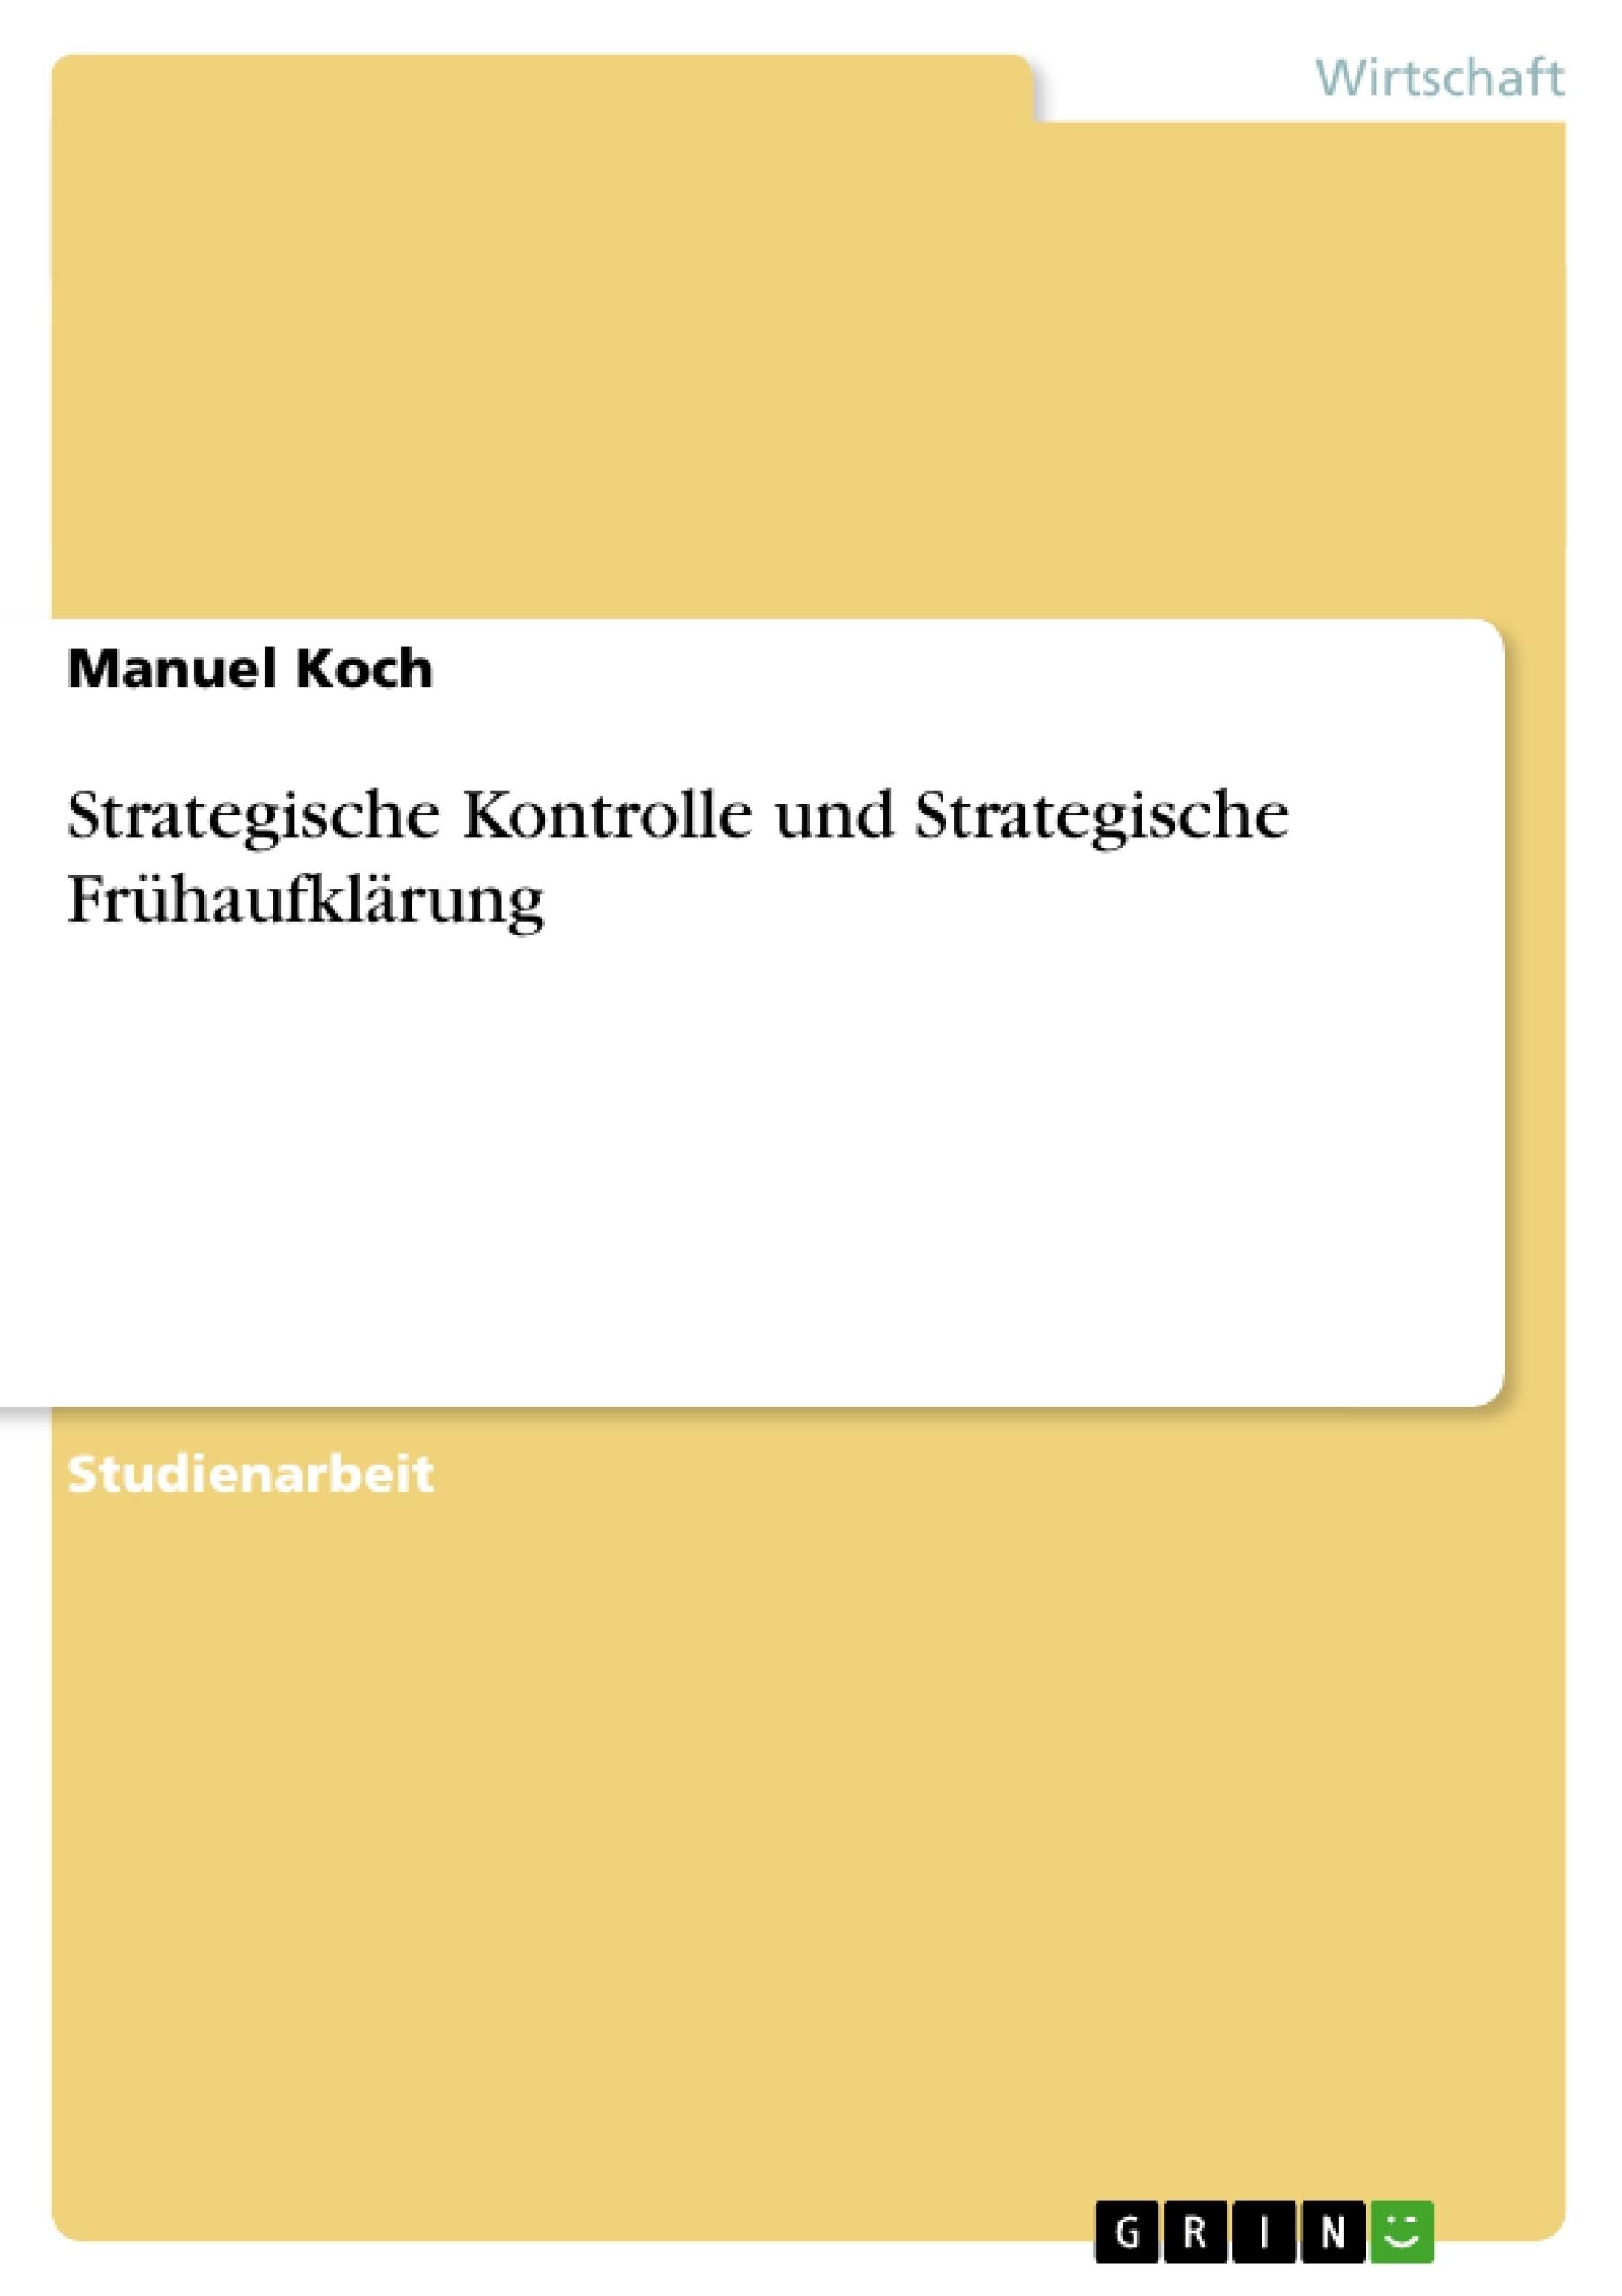 Titel: Strategische Kontrolle und Strategische Frühaufklärung